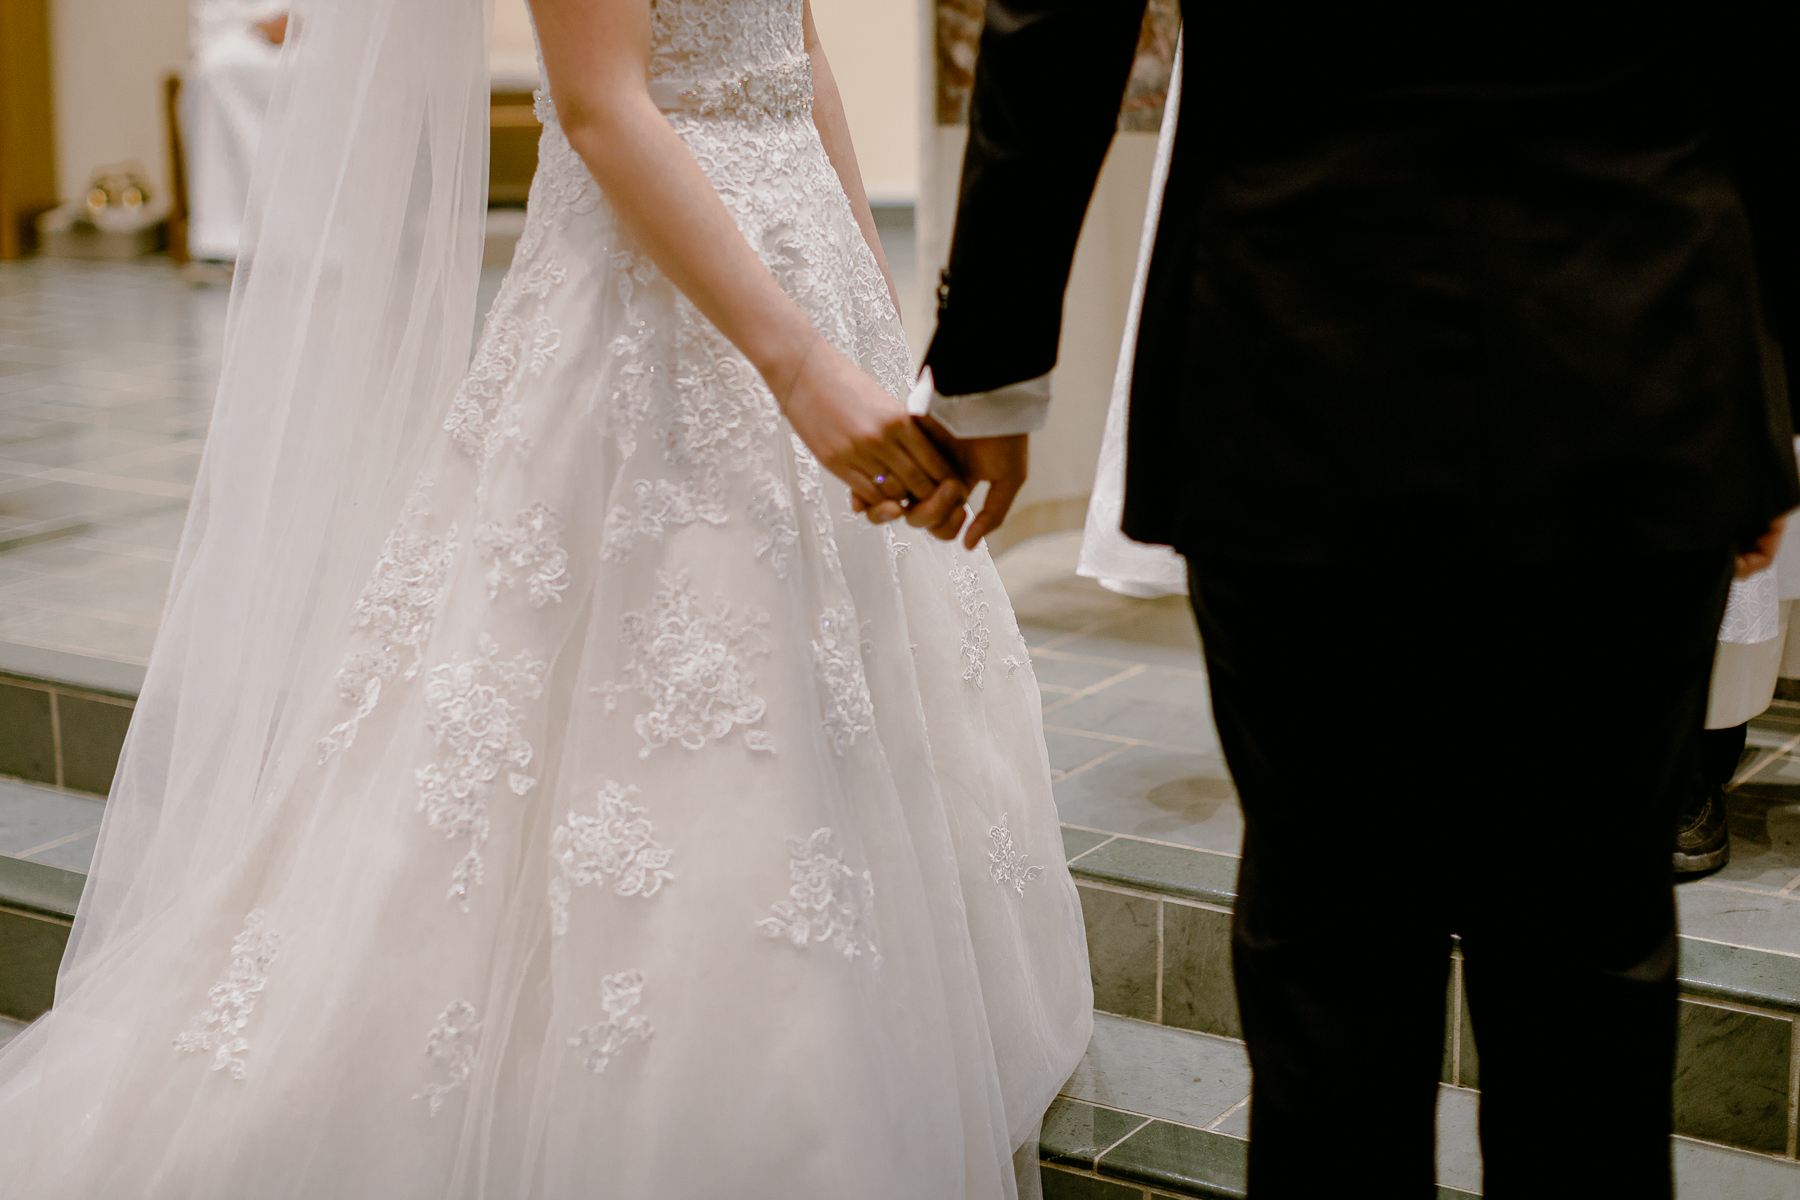 markham-wedding-photography-markham-museum-wedding 0046.jpg